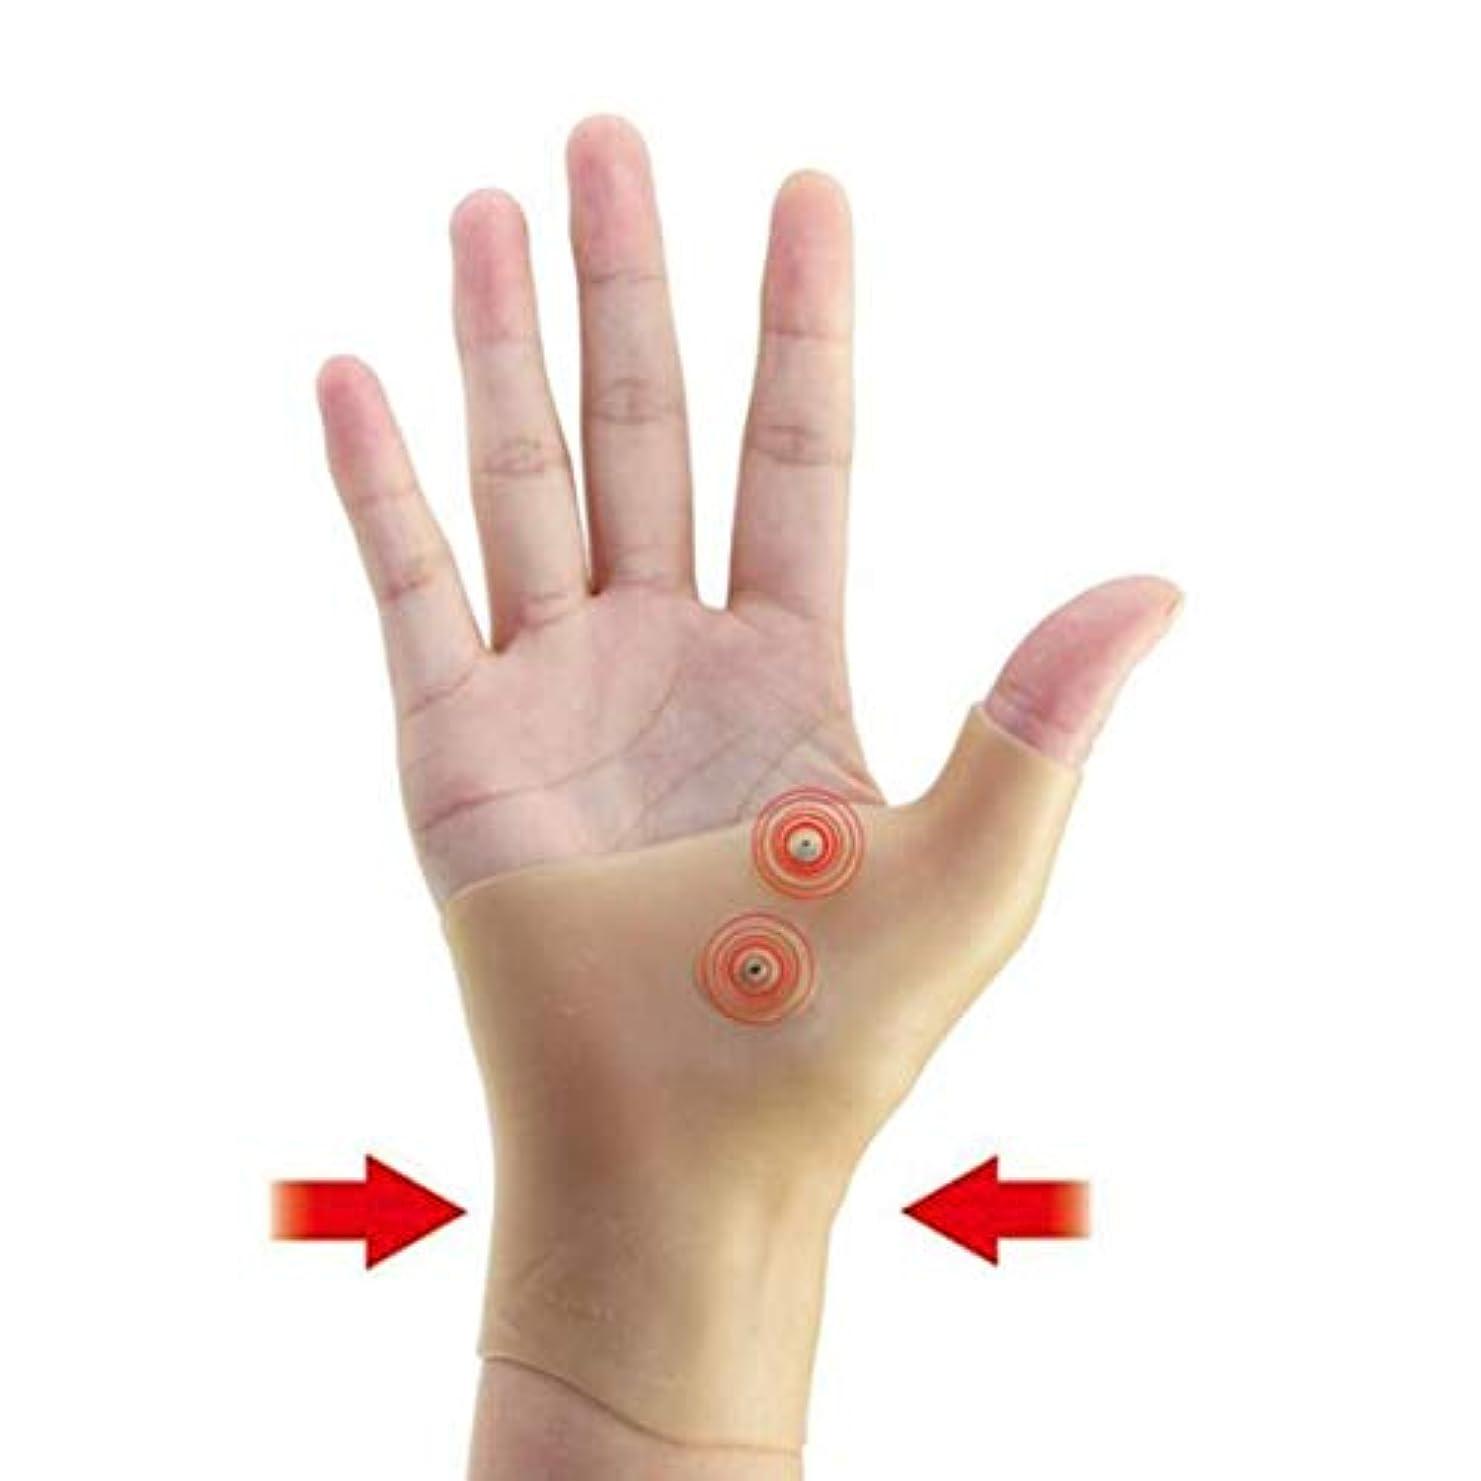 フィードバック出費きれいに磁気療法手首手親指サポート手袋シリコーンゲル関節炎圧力矯正器マッサージ痛み緩和手袋 - 肌の色